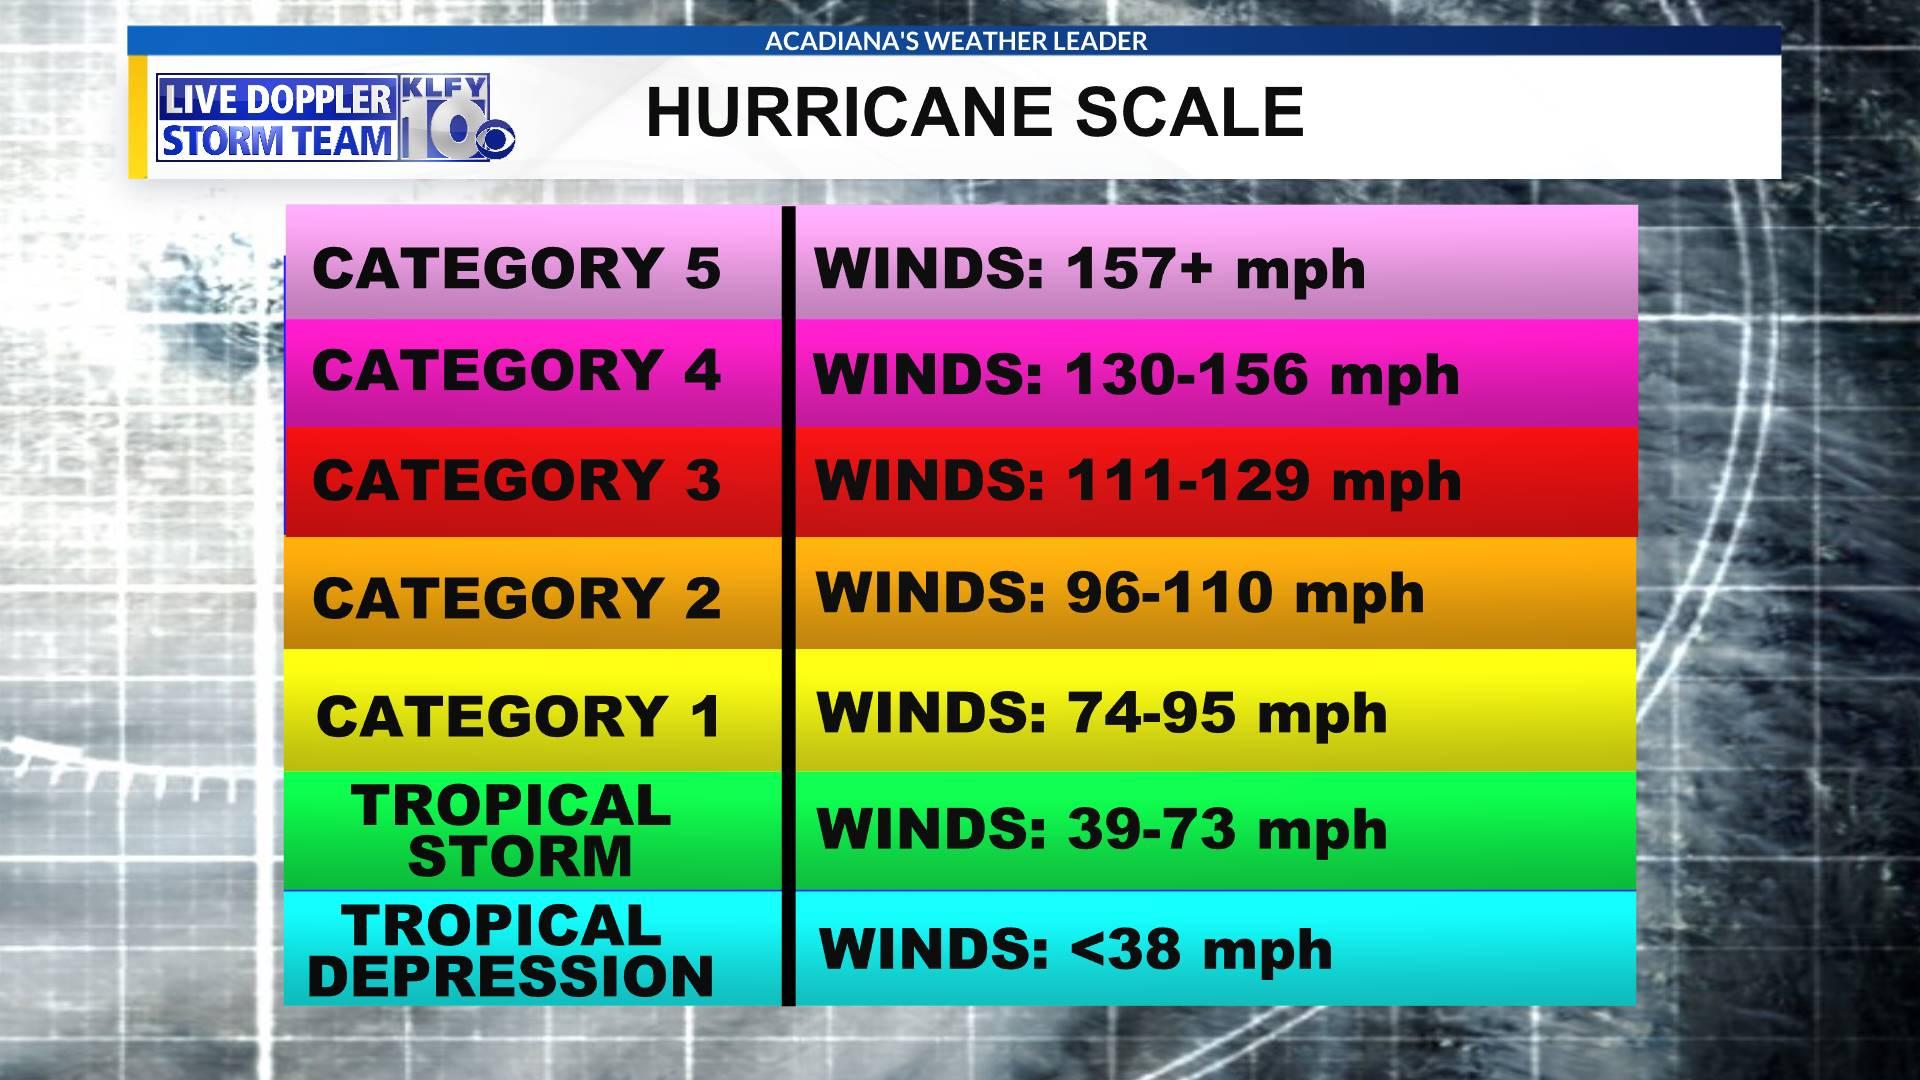 Hurricane Scale